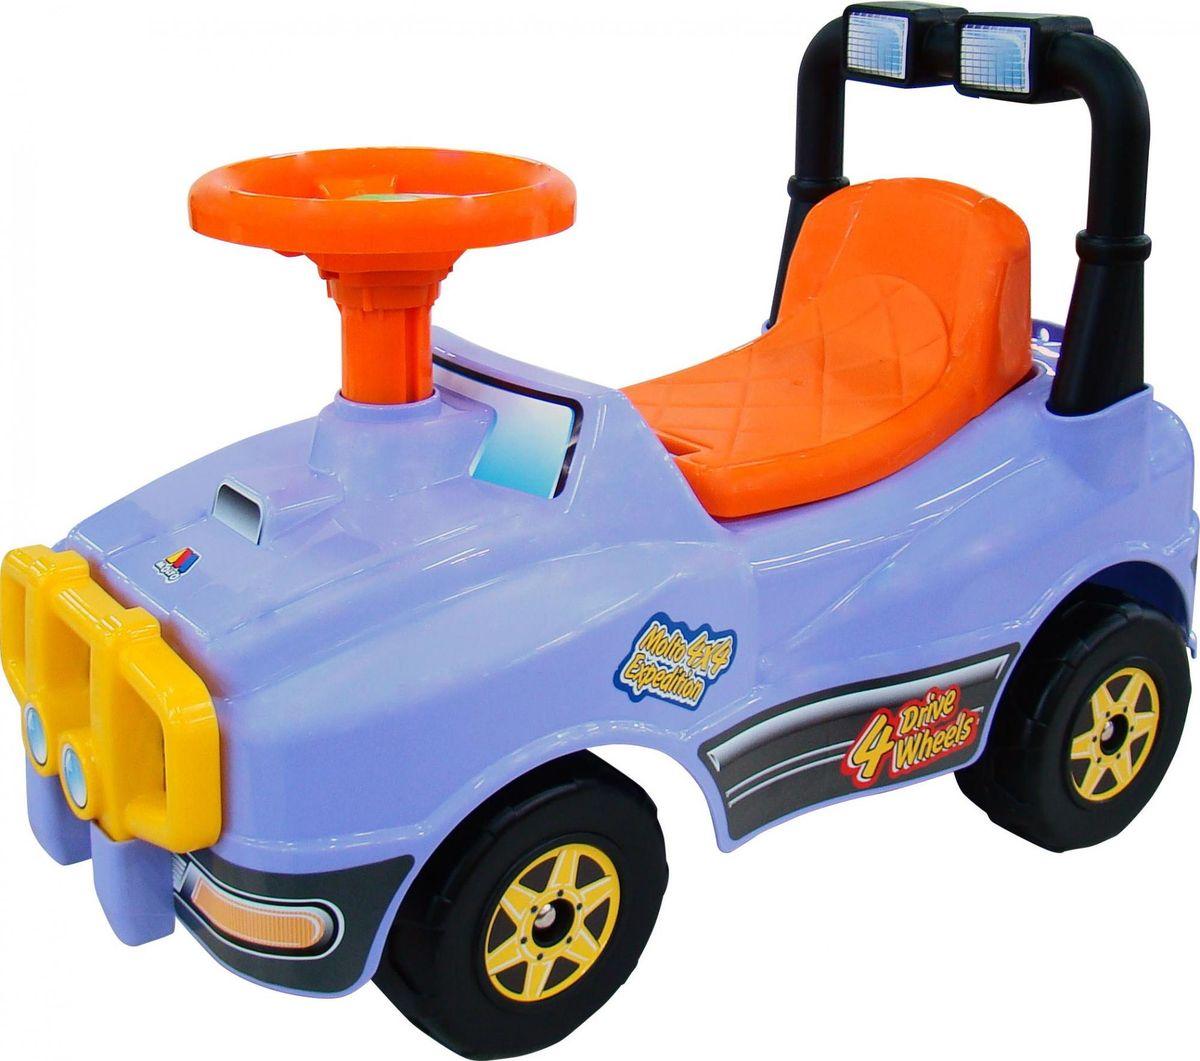 Полесье Автомобиль-каталка Джип №2 цвет сиреневый полесье каталка пикап с ручкой 2 цвет желтый